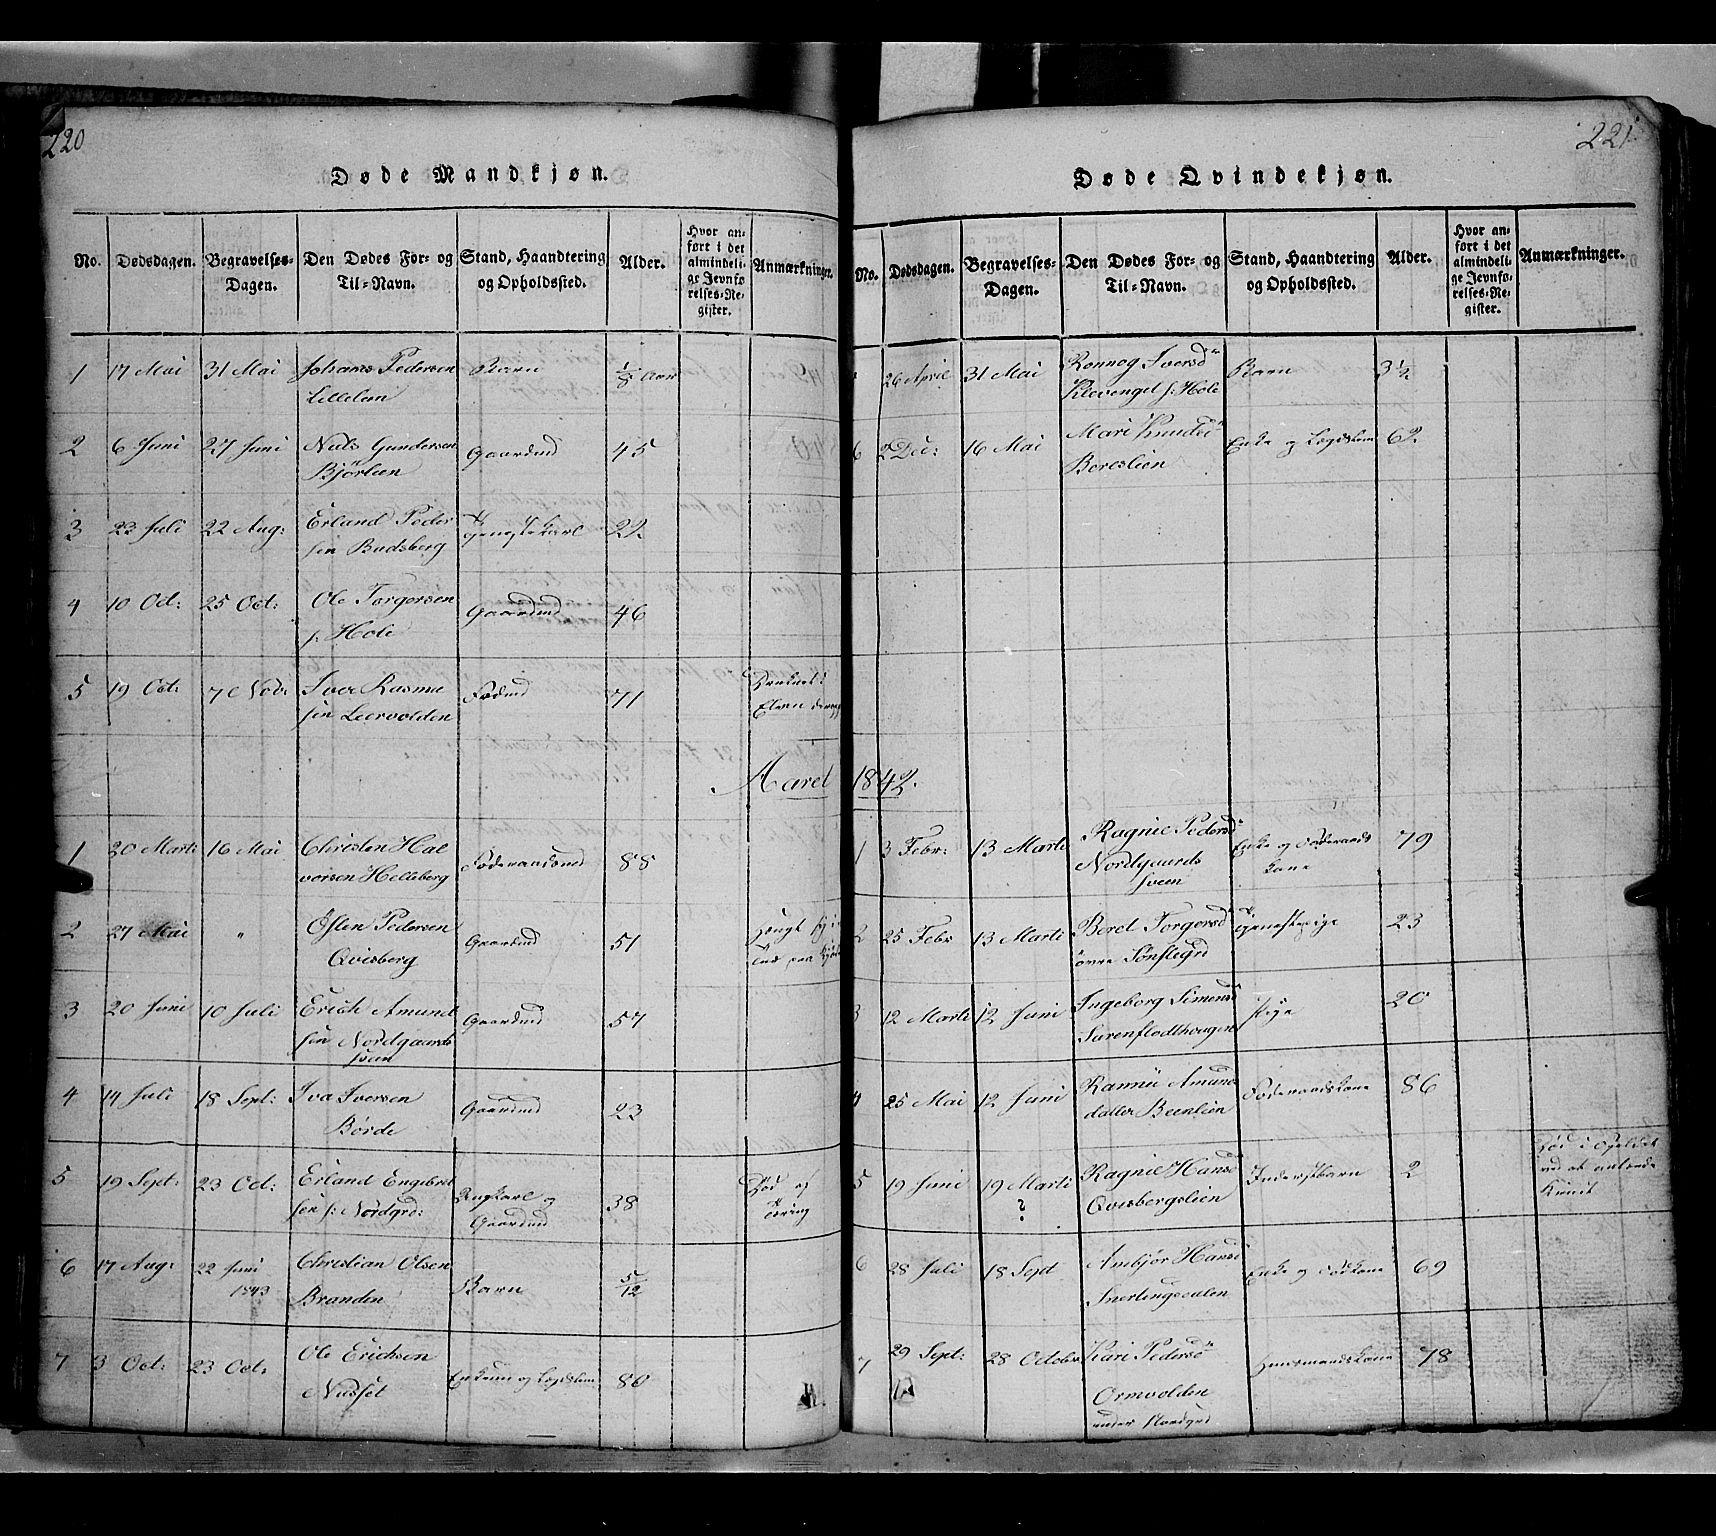 SAH, Gausdal prestekontor, Klokkerbok nr. 2, 1818-1874, s. 220-221